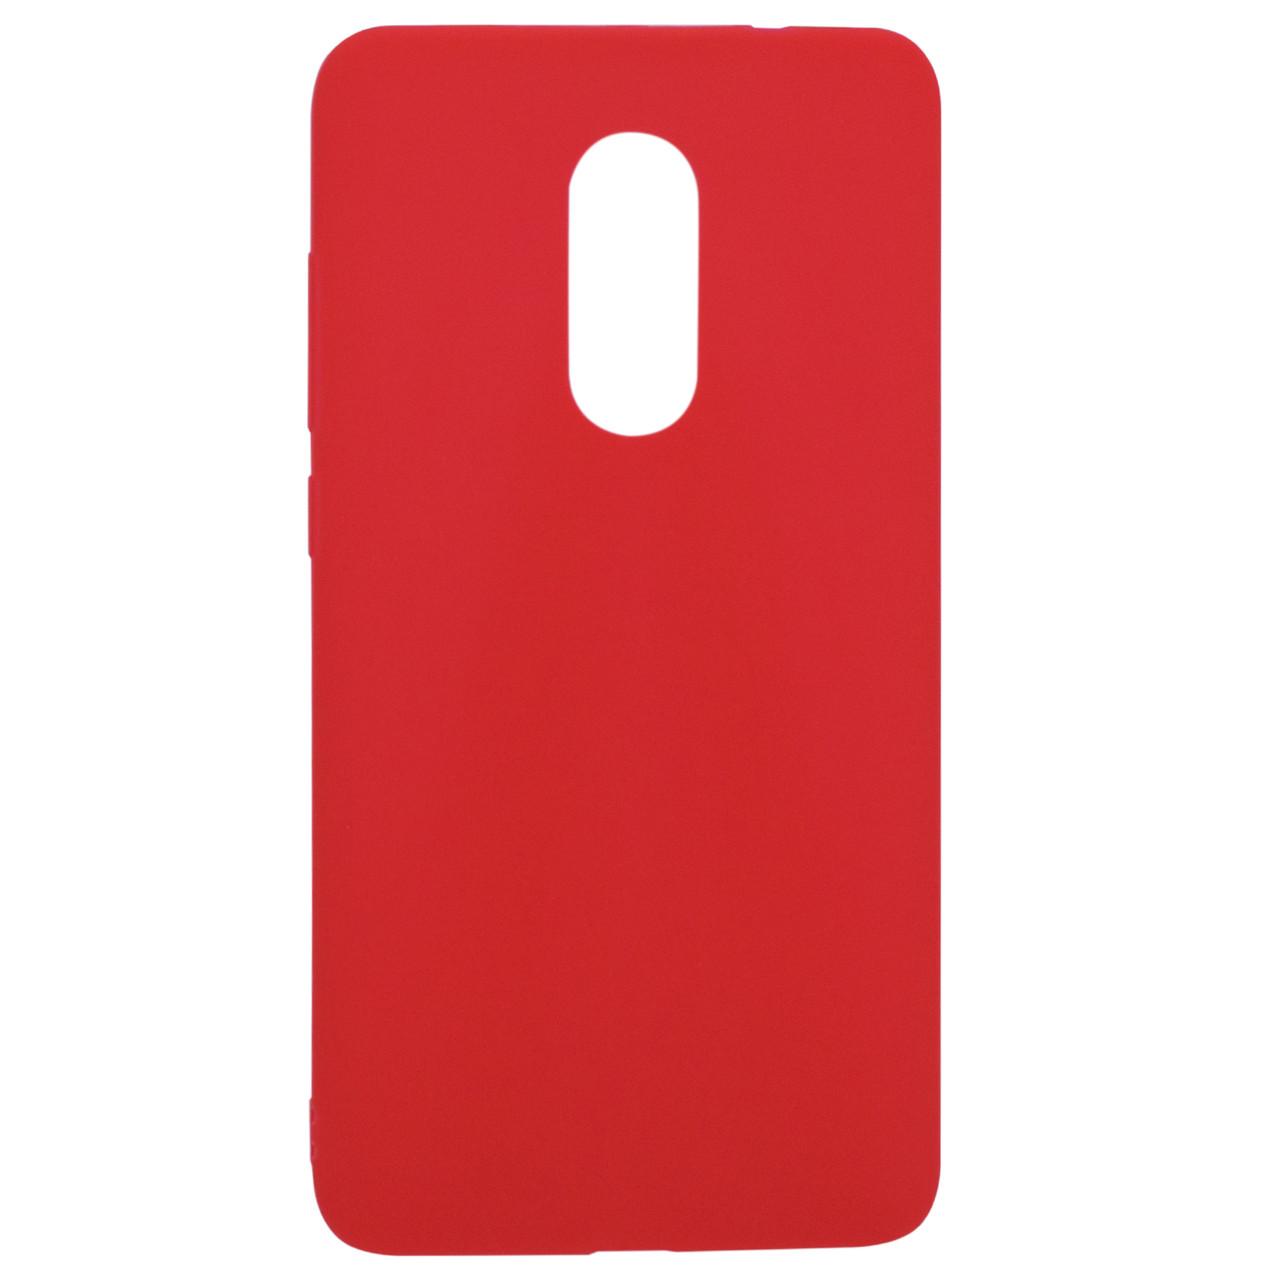 Силиконовый чехол Candy для Xiaomi Redmi Note 4X / Note 4 (SD) Красный